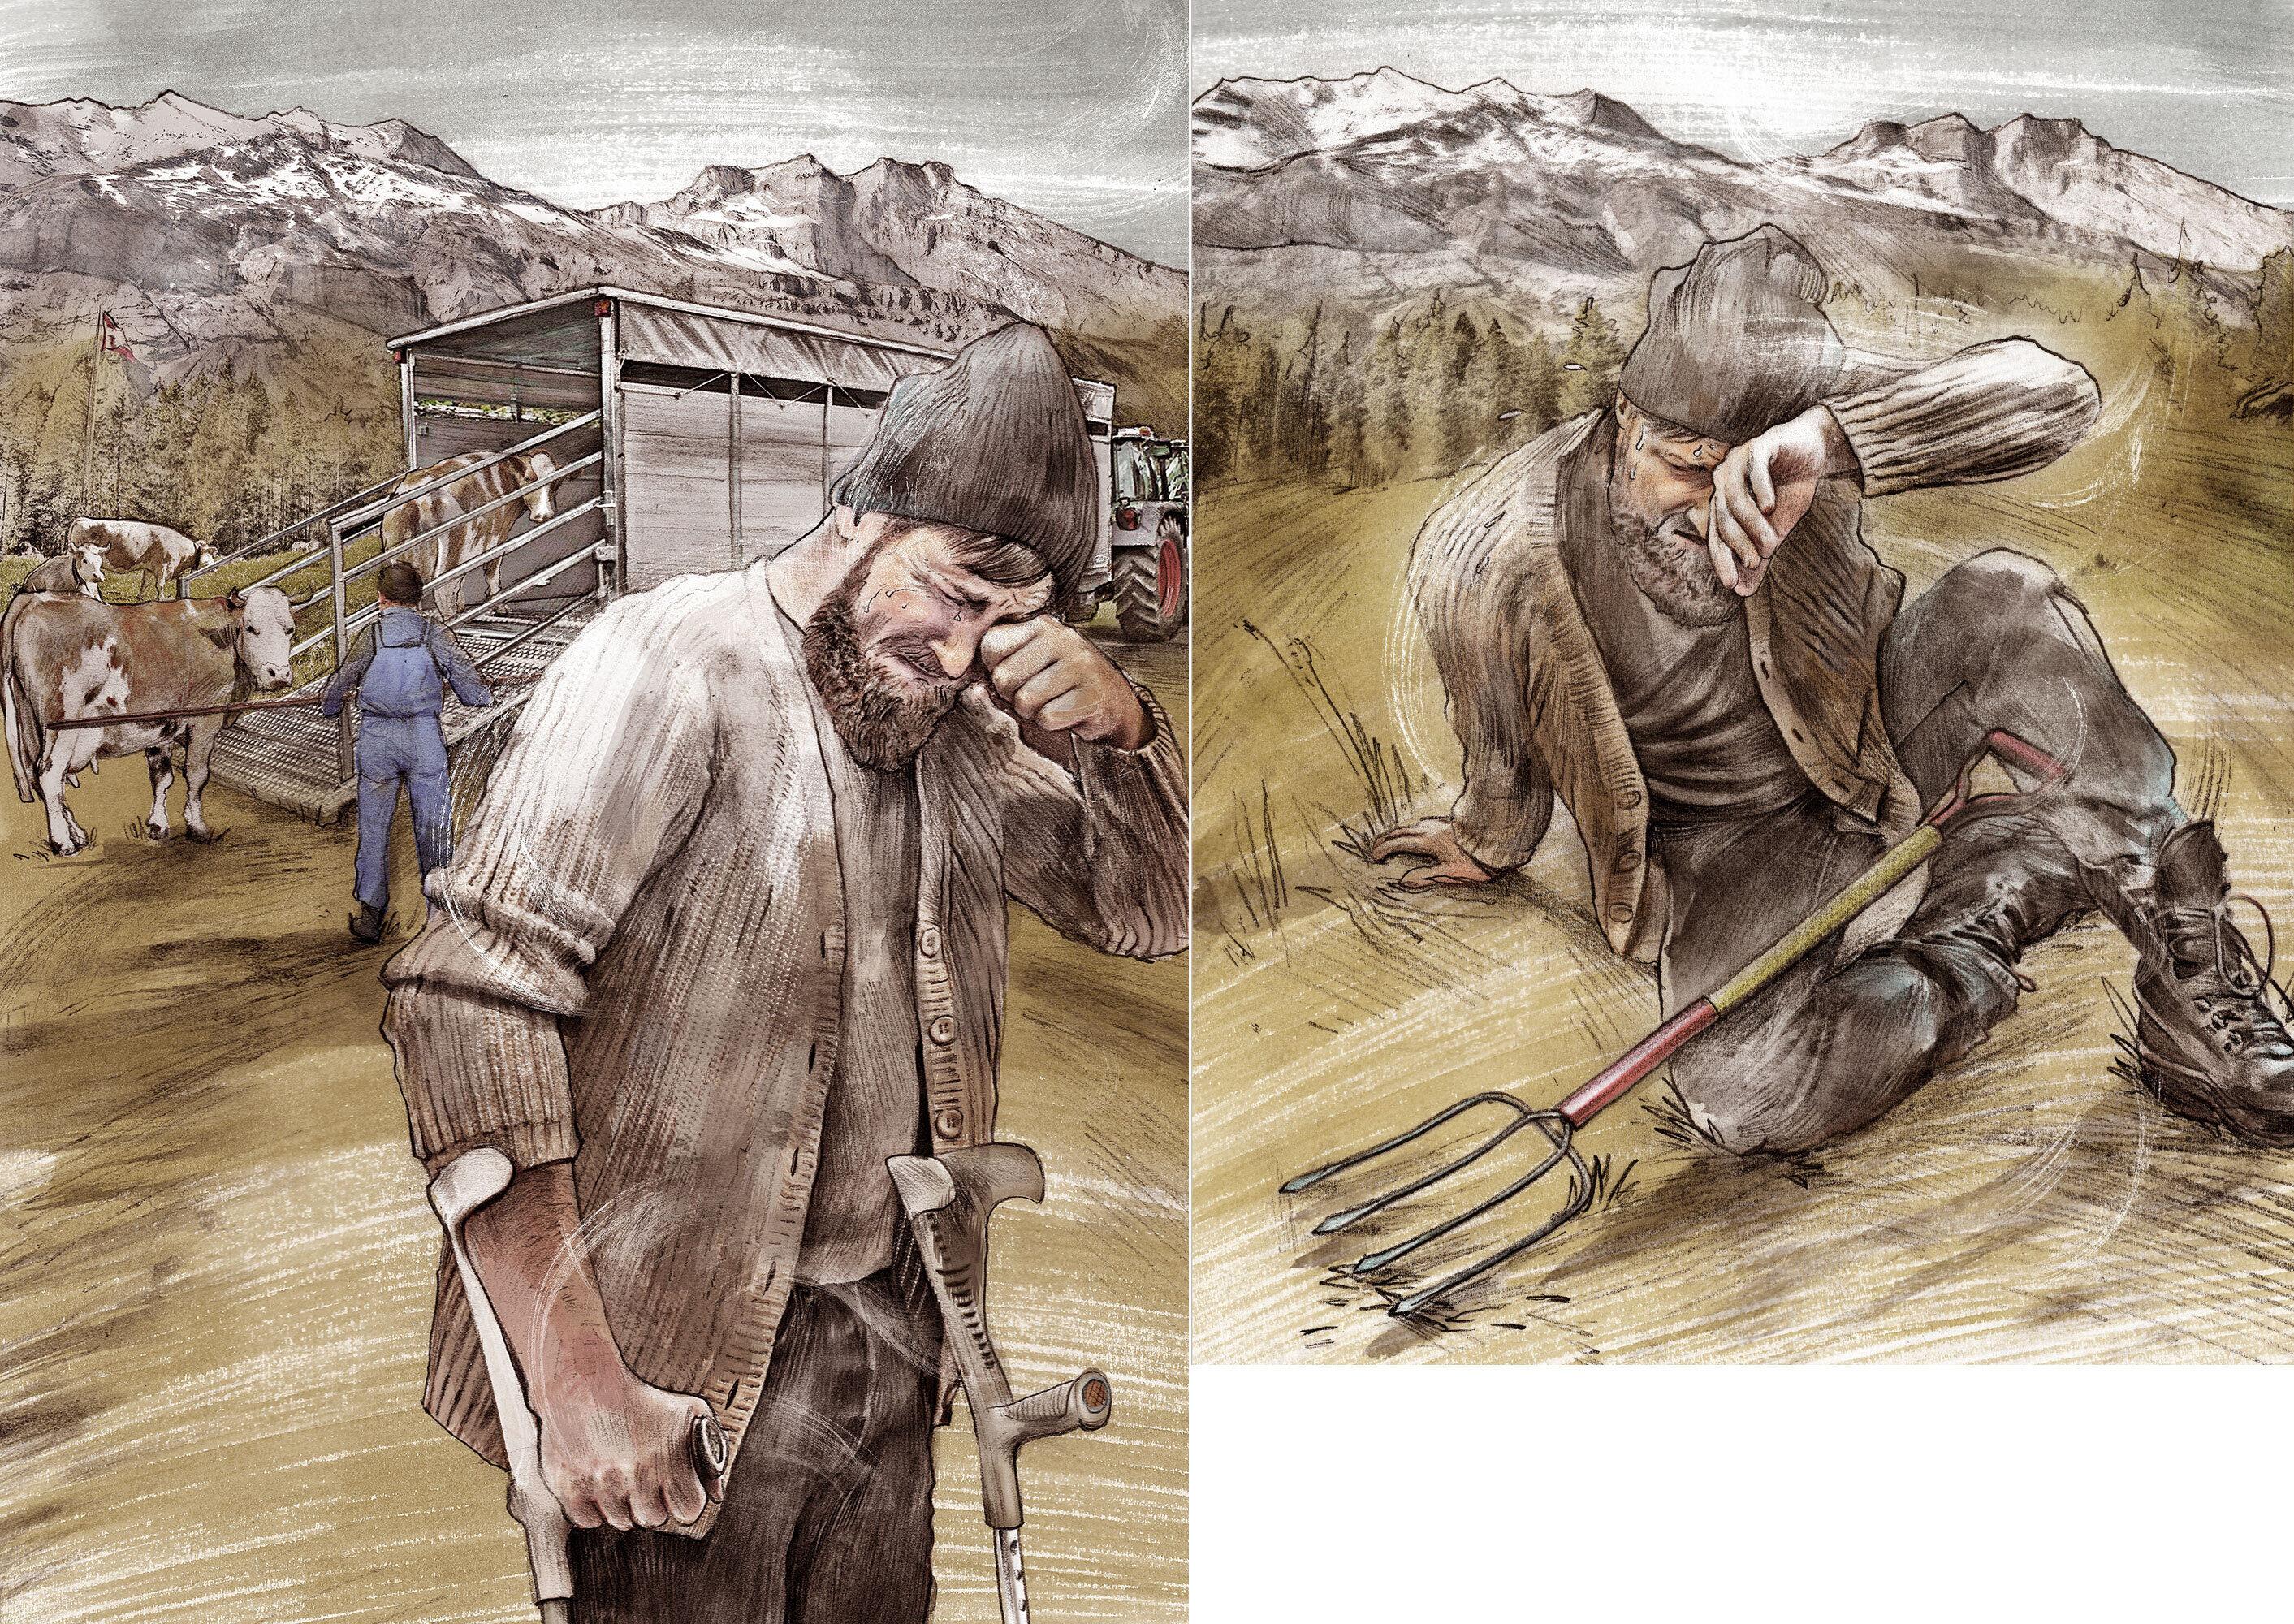 Bauer Kuh erschoepft traurig illustration - Kornel Illustration   Kornel Stadler portfolio